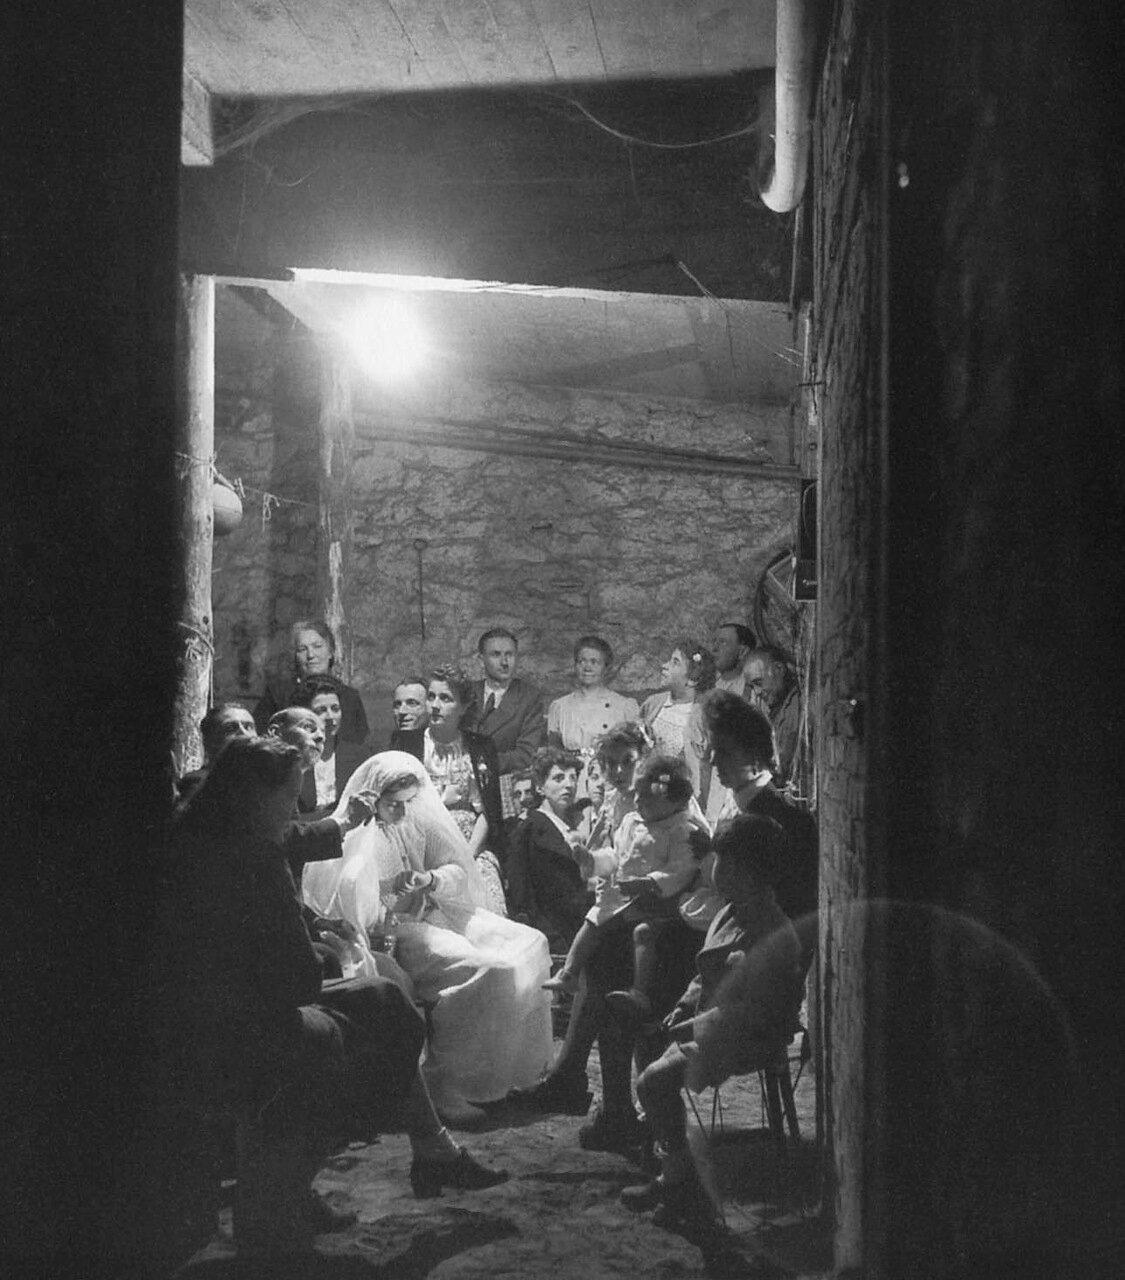 1943. Моник Фуко. Первое причастие в подвале дома 46 по улице Жюля Ферри, Монтруж